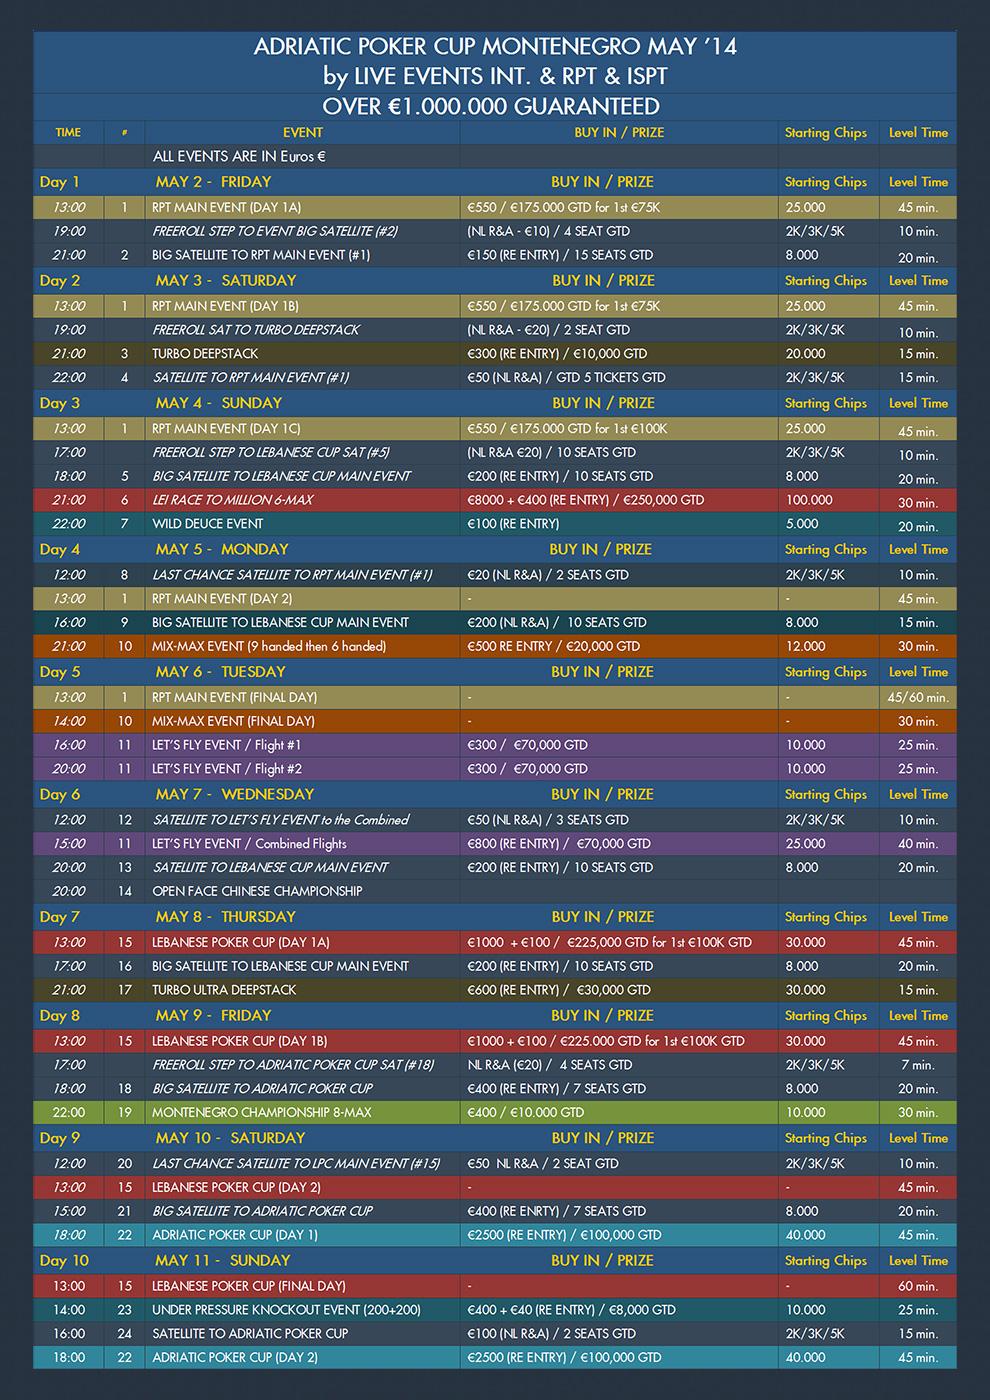 Live Events Poker Festival Ponovo u Budvi od 2-11.05. 2014. sa €1.000.000 Zagarantovano 101